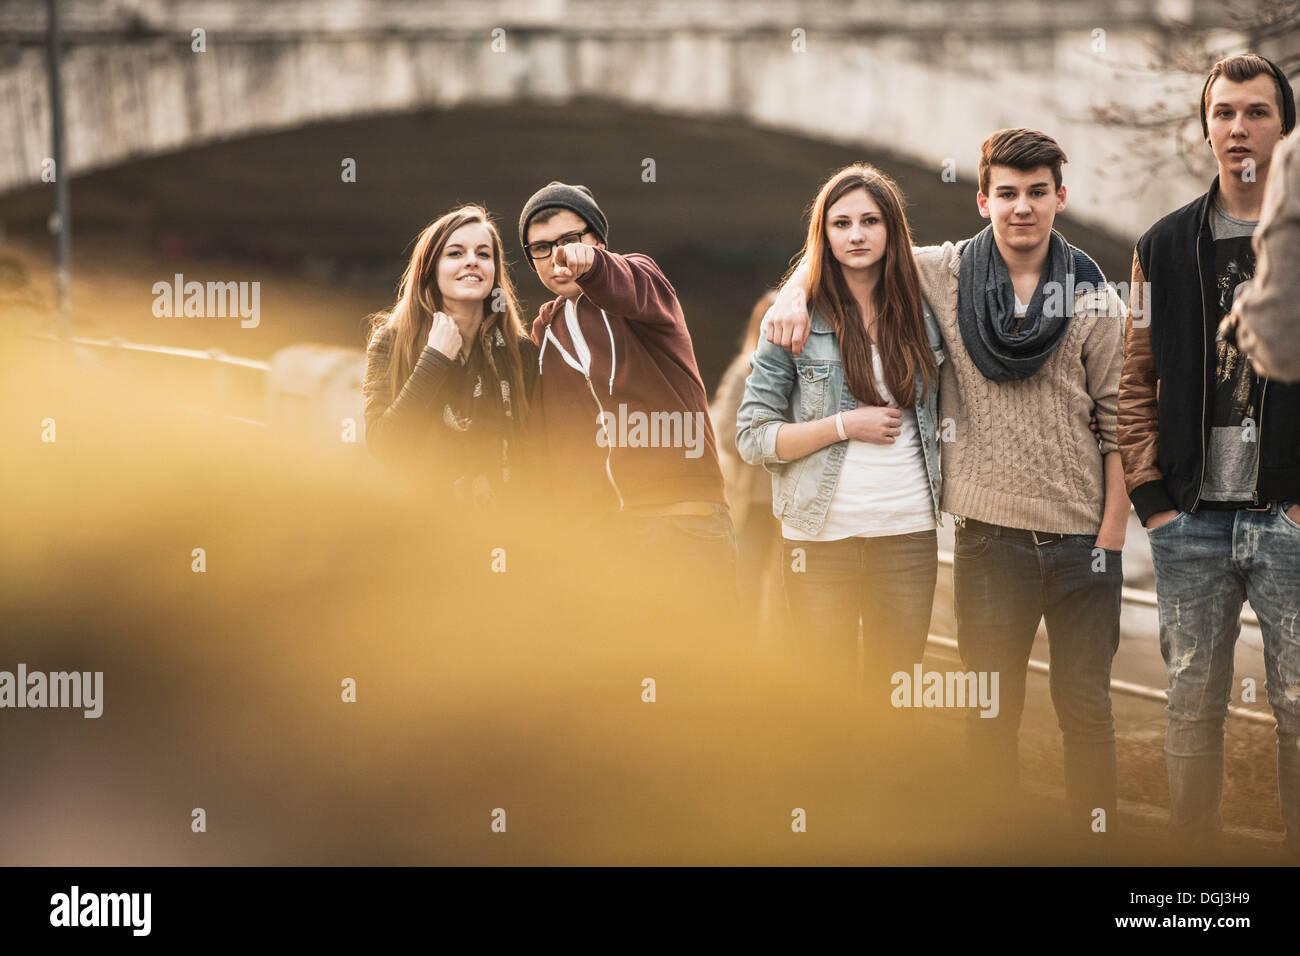 Cinco adolescentes afuera, boy apuntando a la cámara Foto de stock